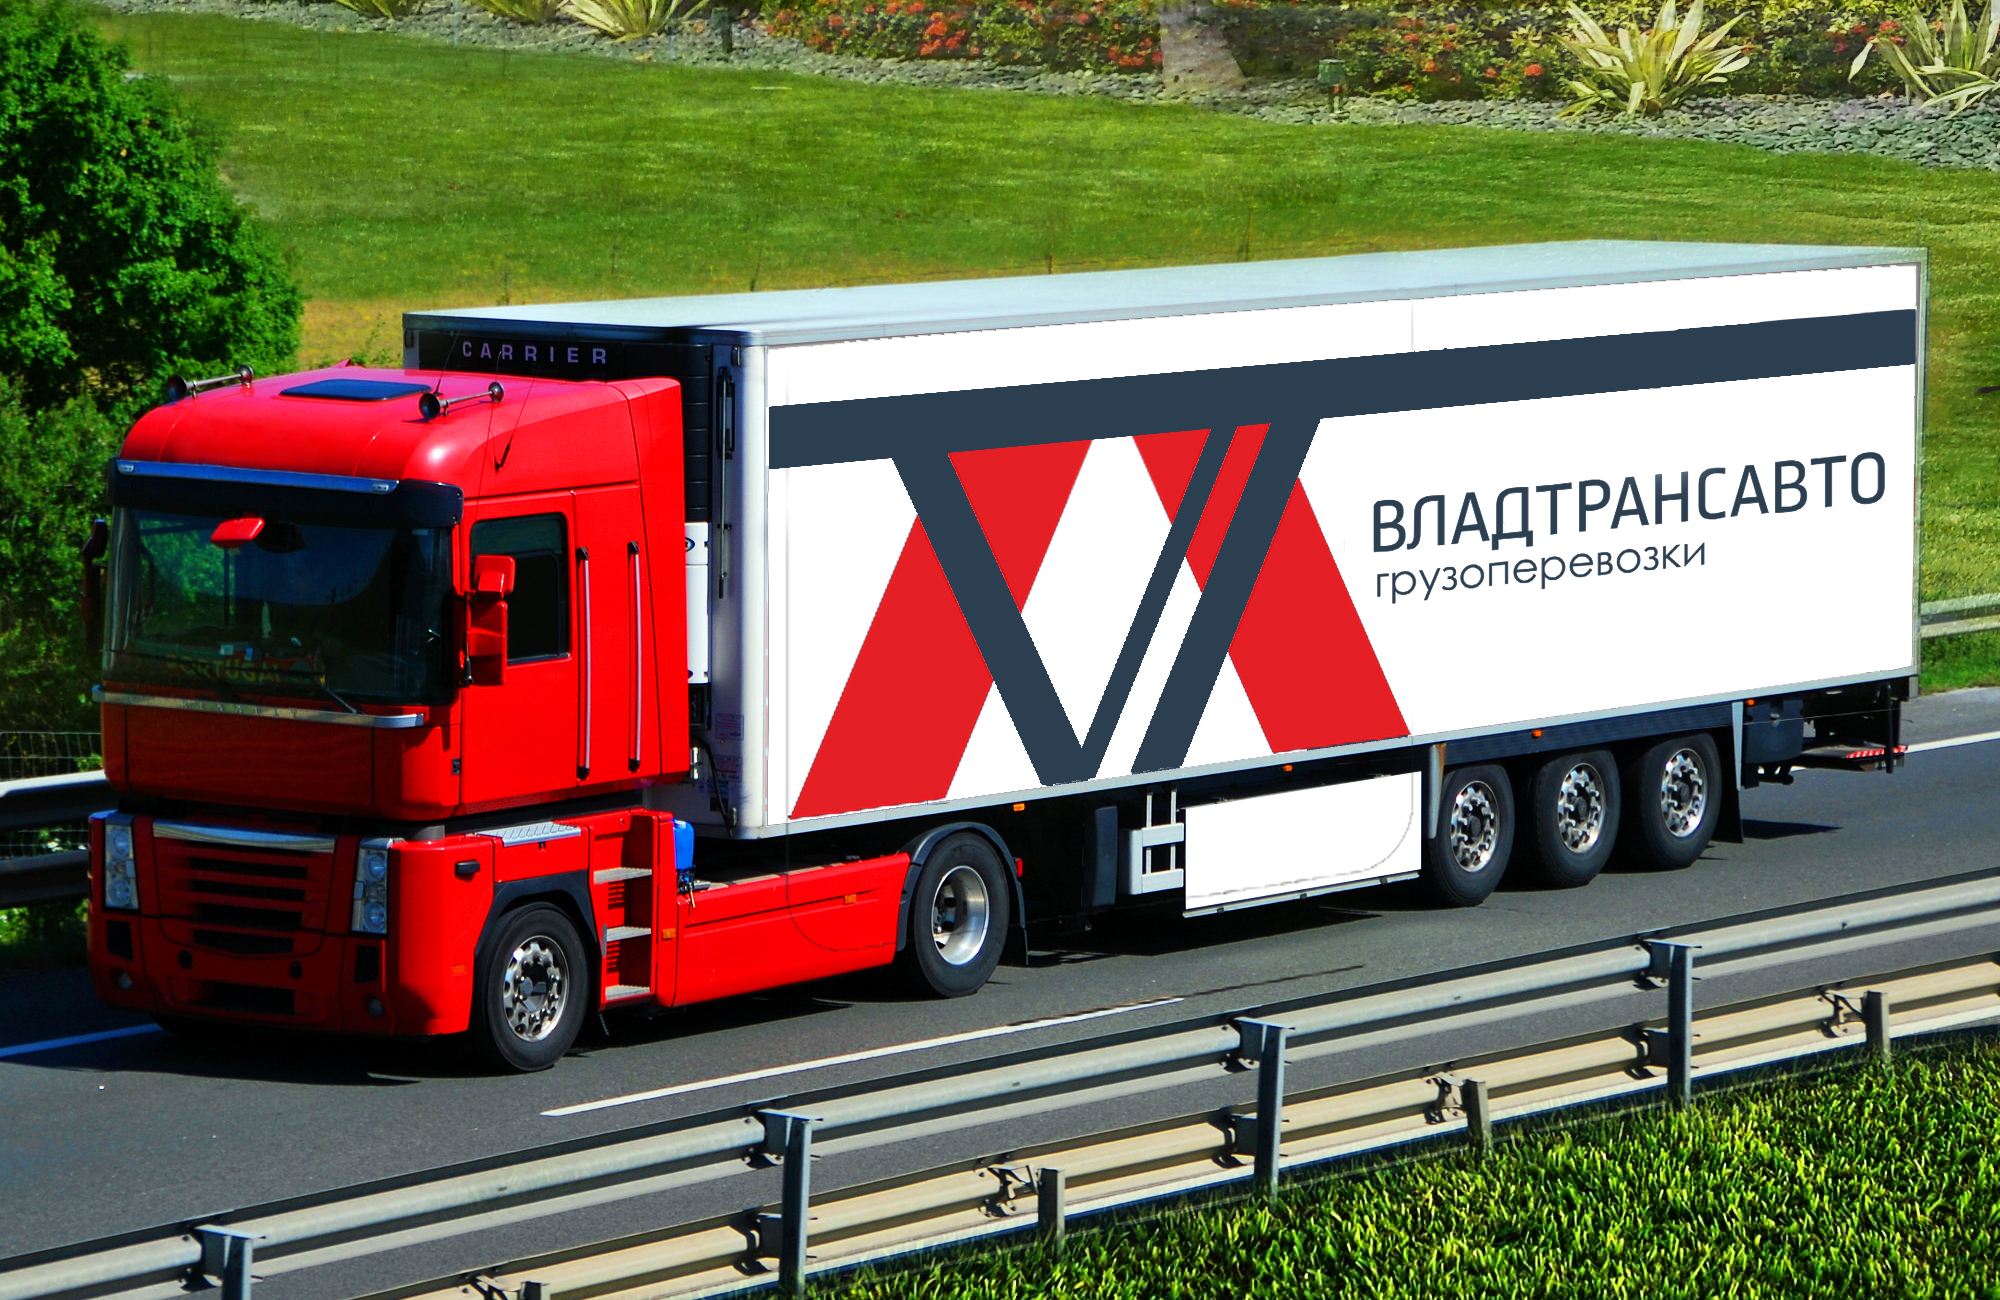 Логотип и фирменный стиль для транспортной компании Владтрансавто фото f_5075ce7cc017426d.jpg